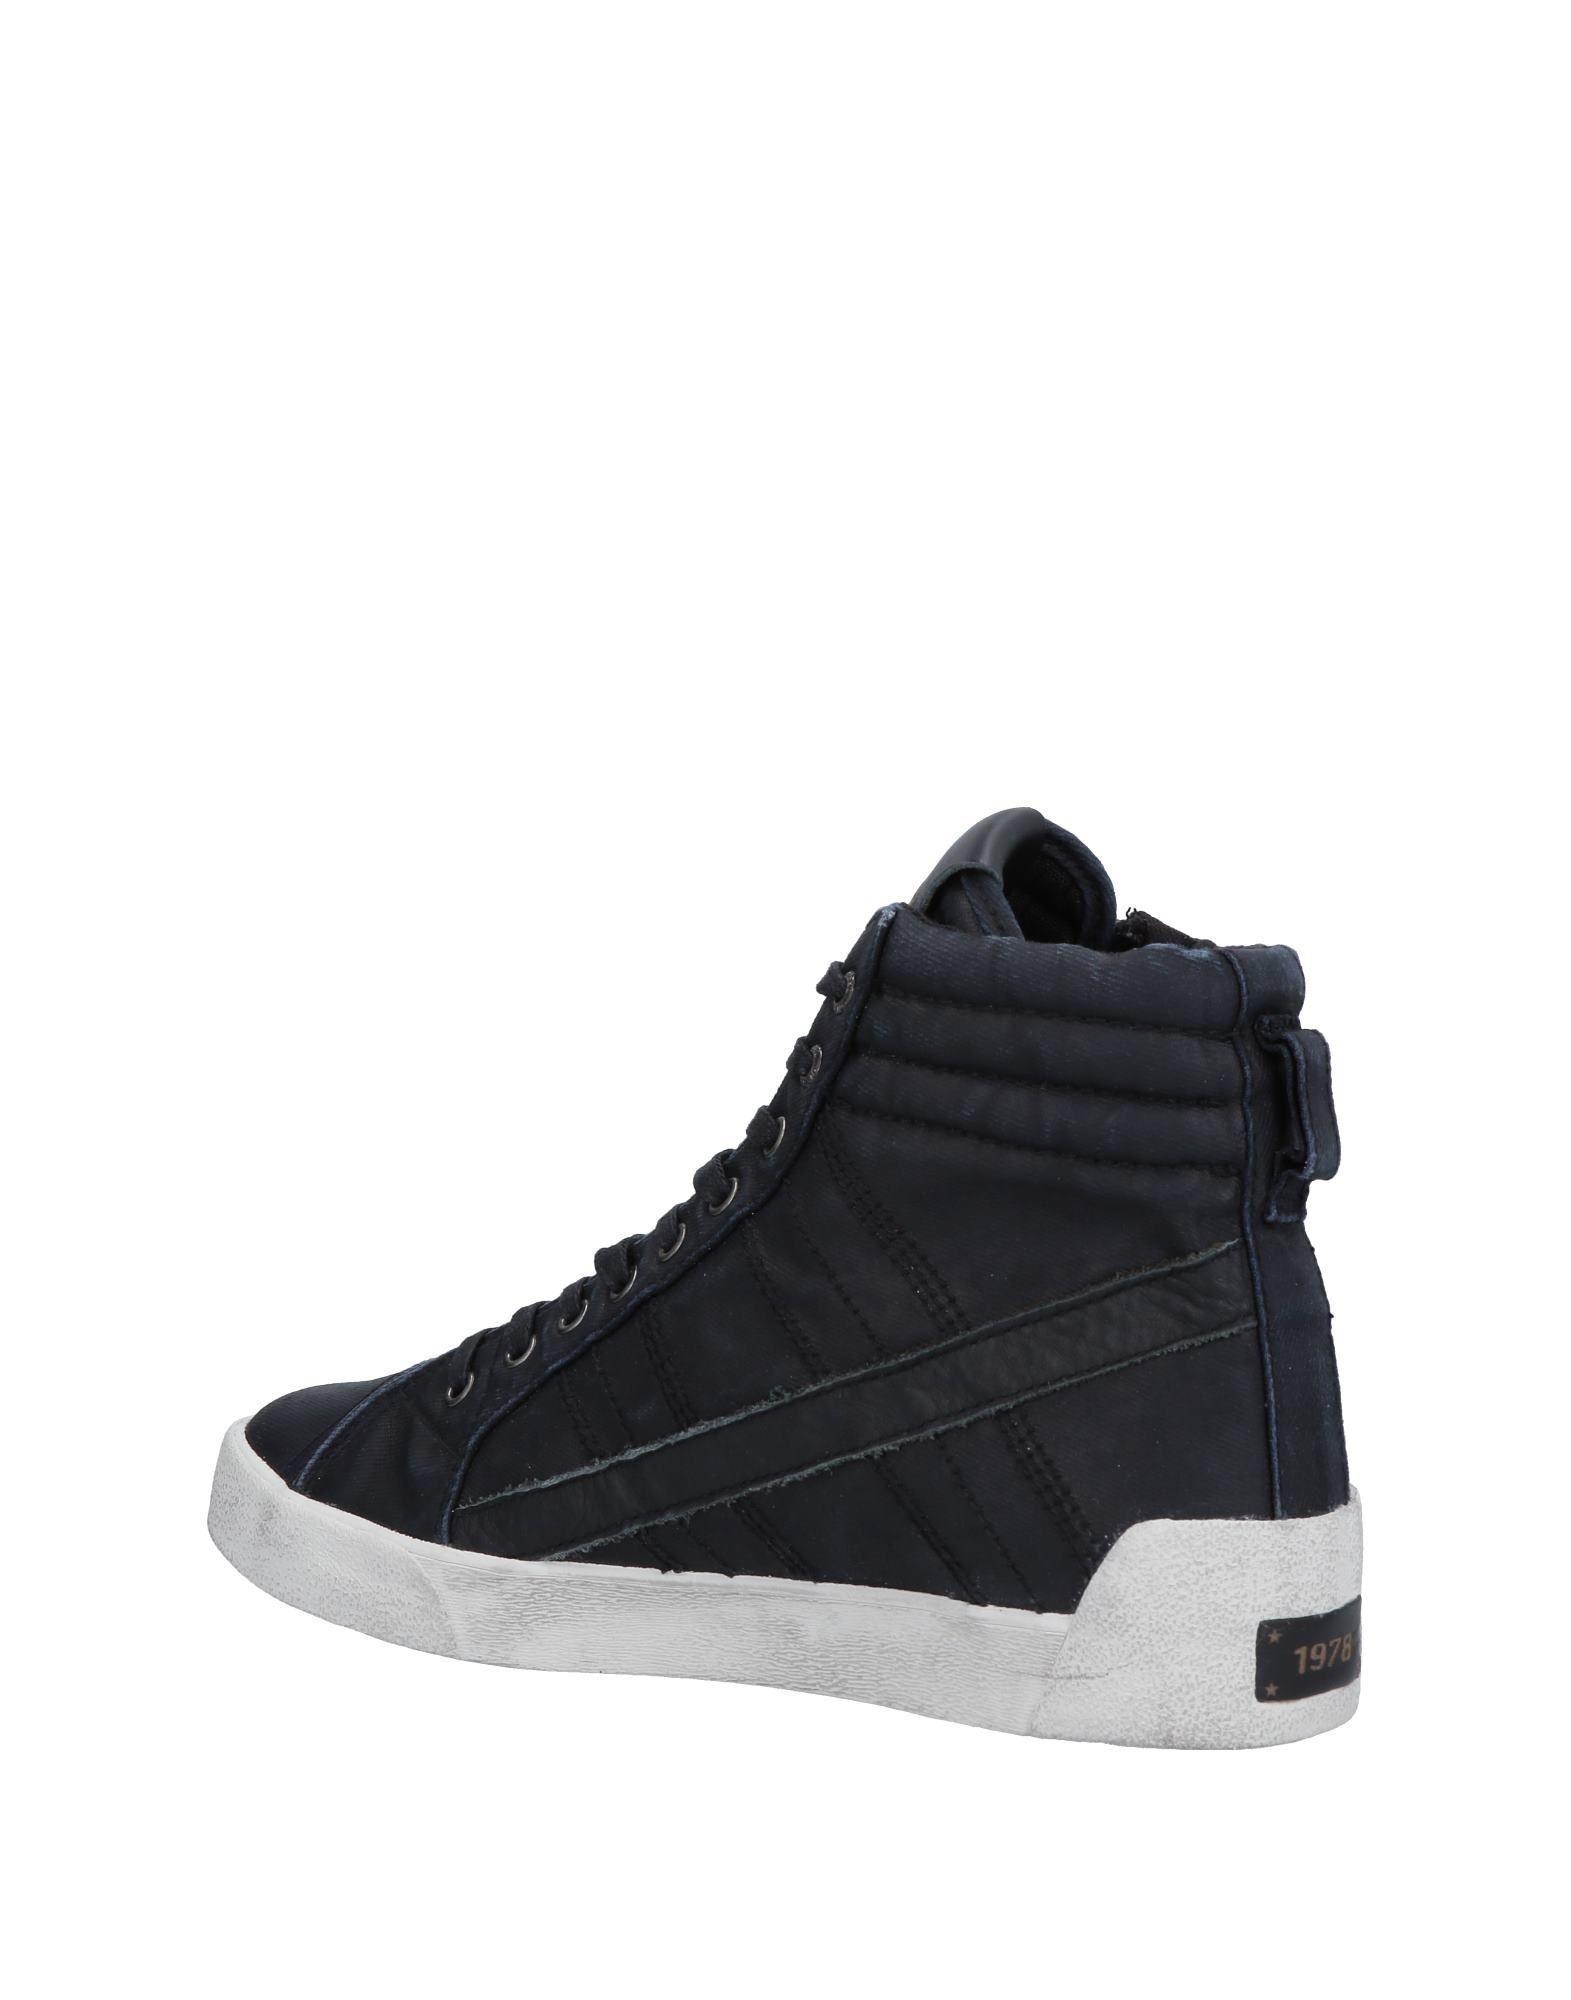 Rabatt echte Schuhe Herren Diesel Sneakers Herren Schuhe  11491160BC 71667b